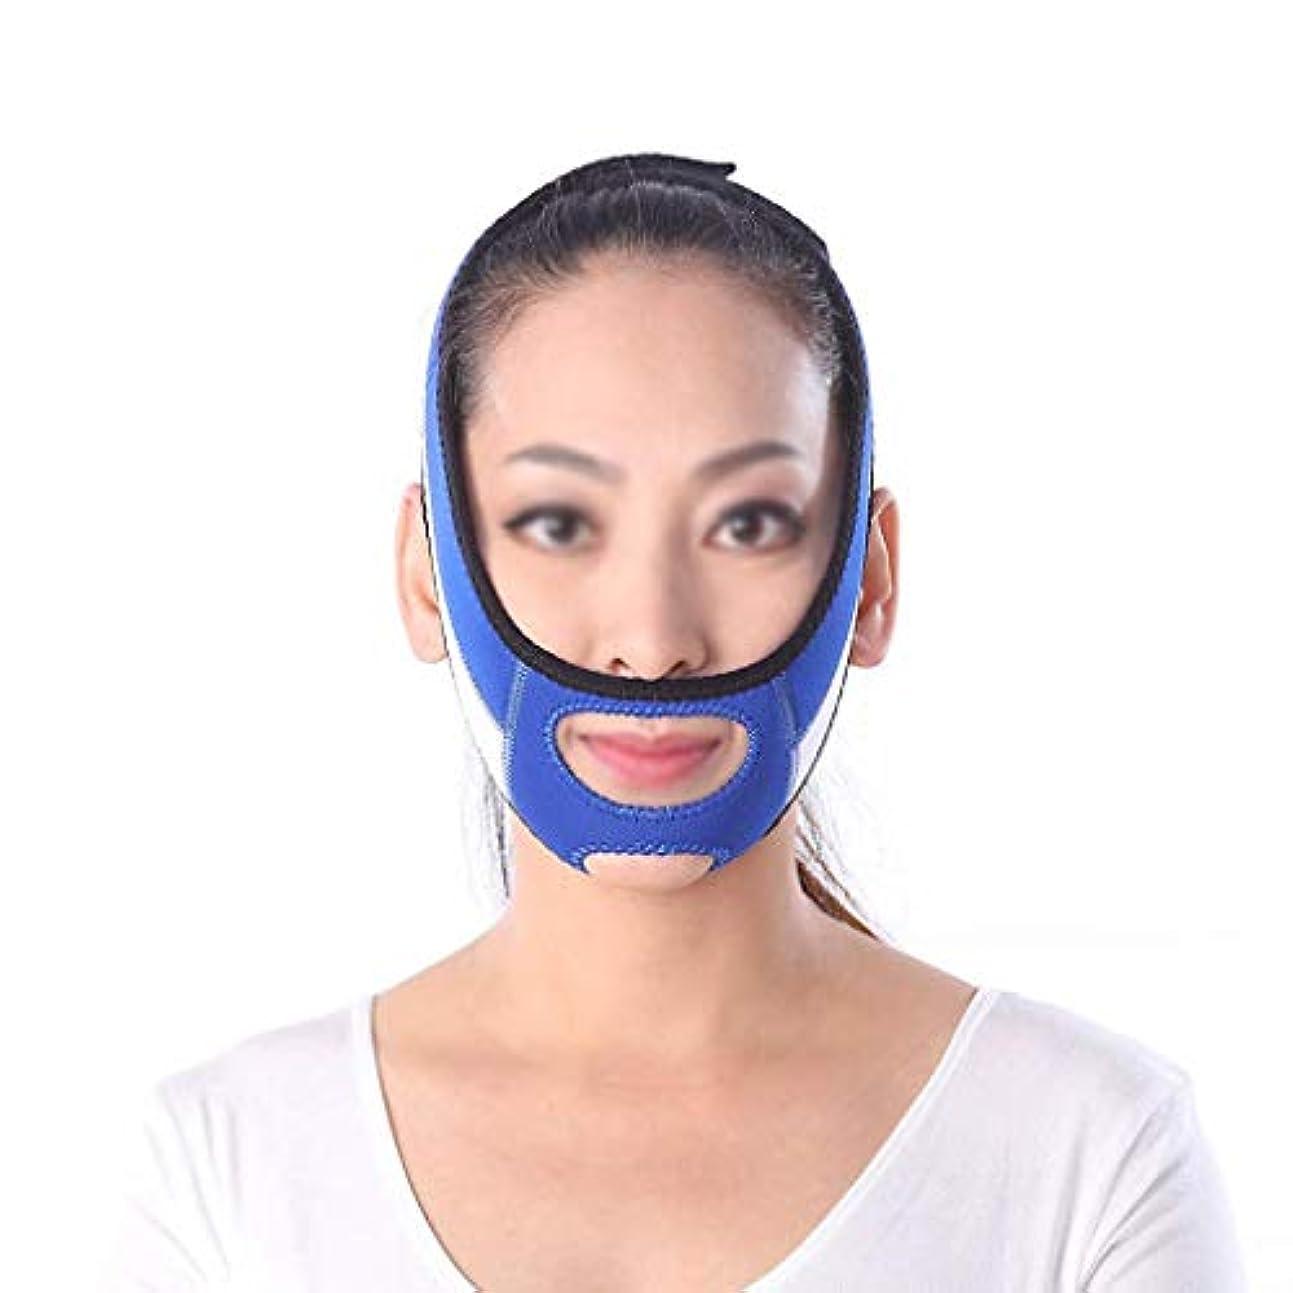 サラダフォルダ海賊フェイスリフティング包帯、フェイスリフティングマスク、フェイスリフティングアプライアンス、ダブルチンケア減量、フェイシャルリフティングストラップ(フリーサイズ、ブルー)